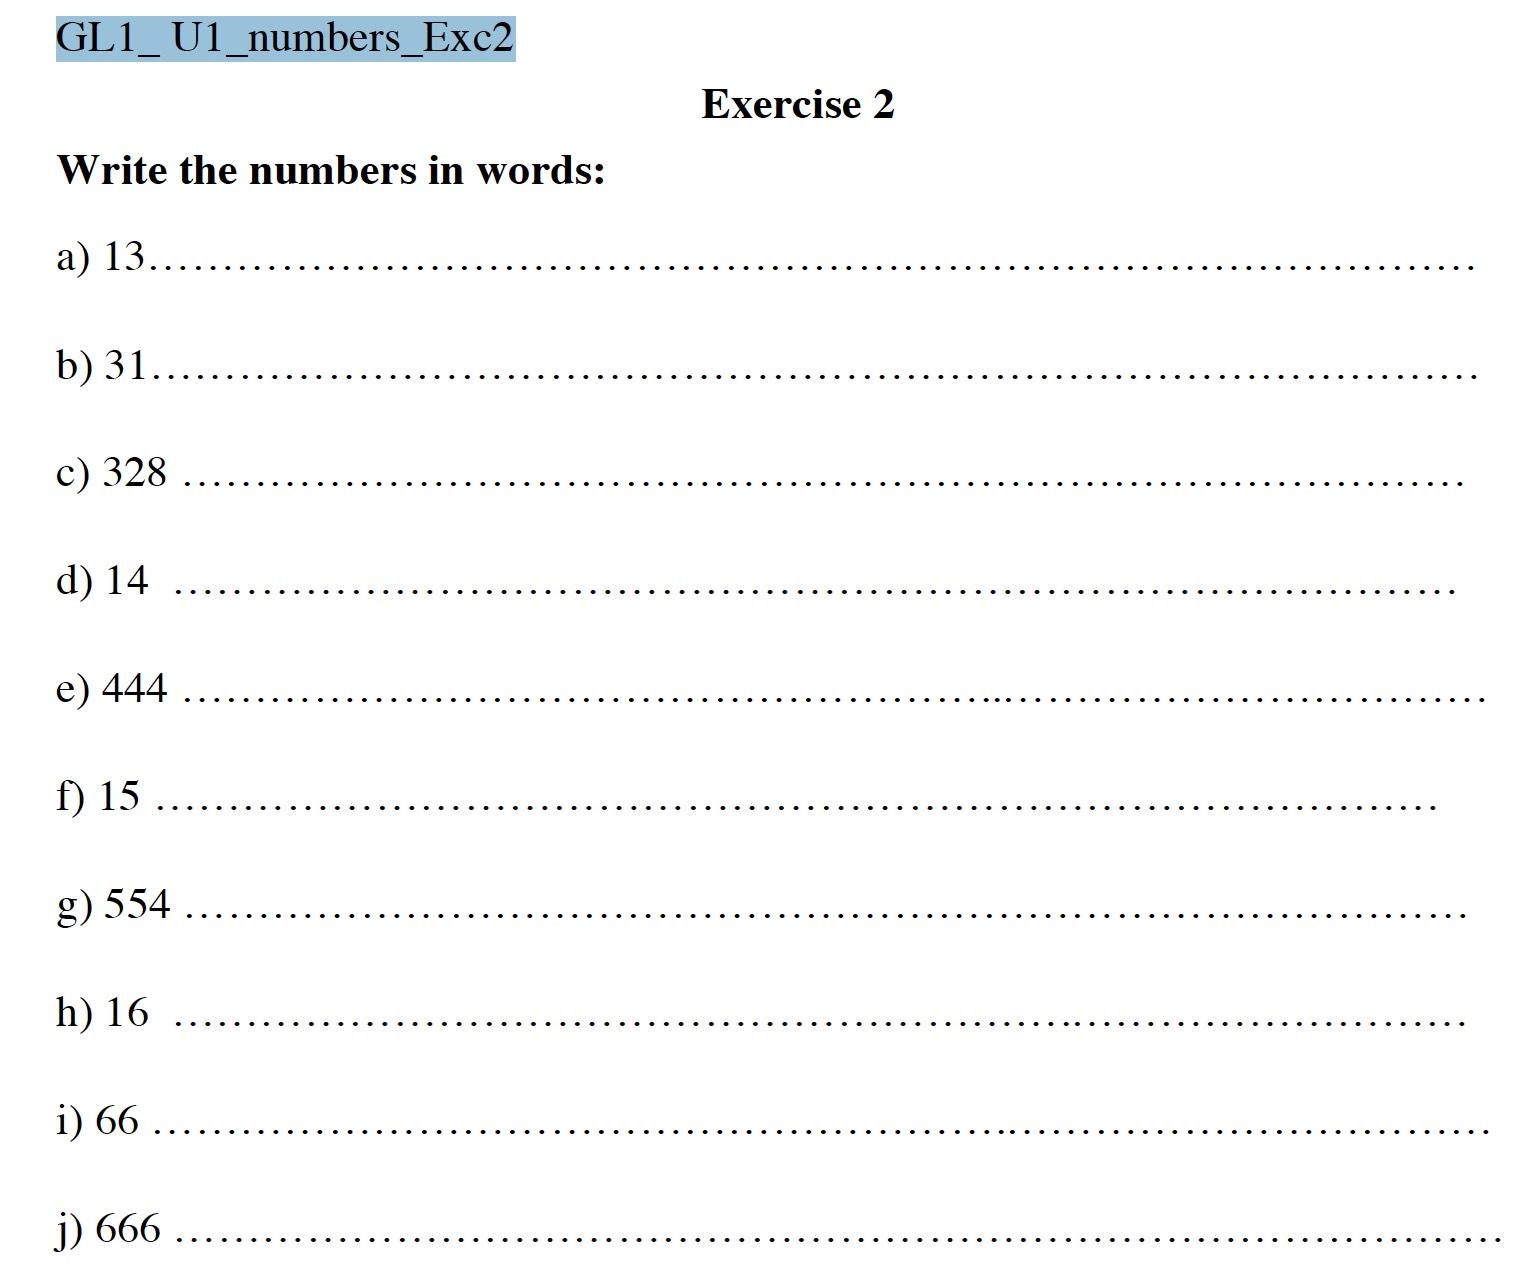 U1_numbers_Exc2_a